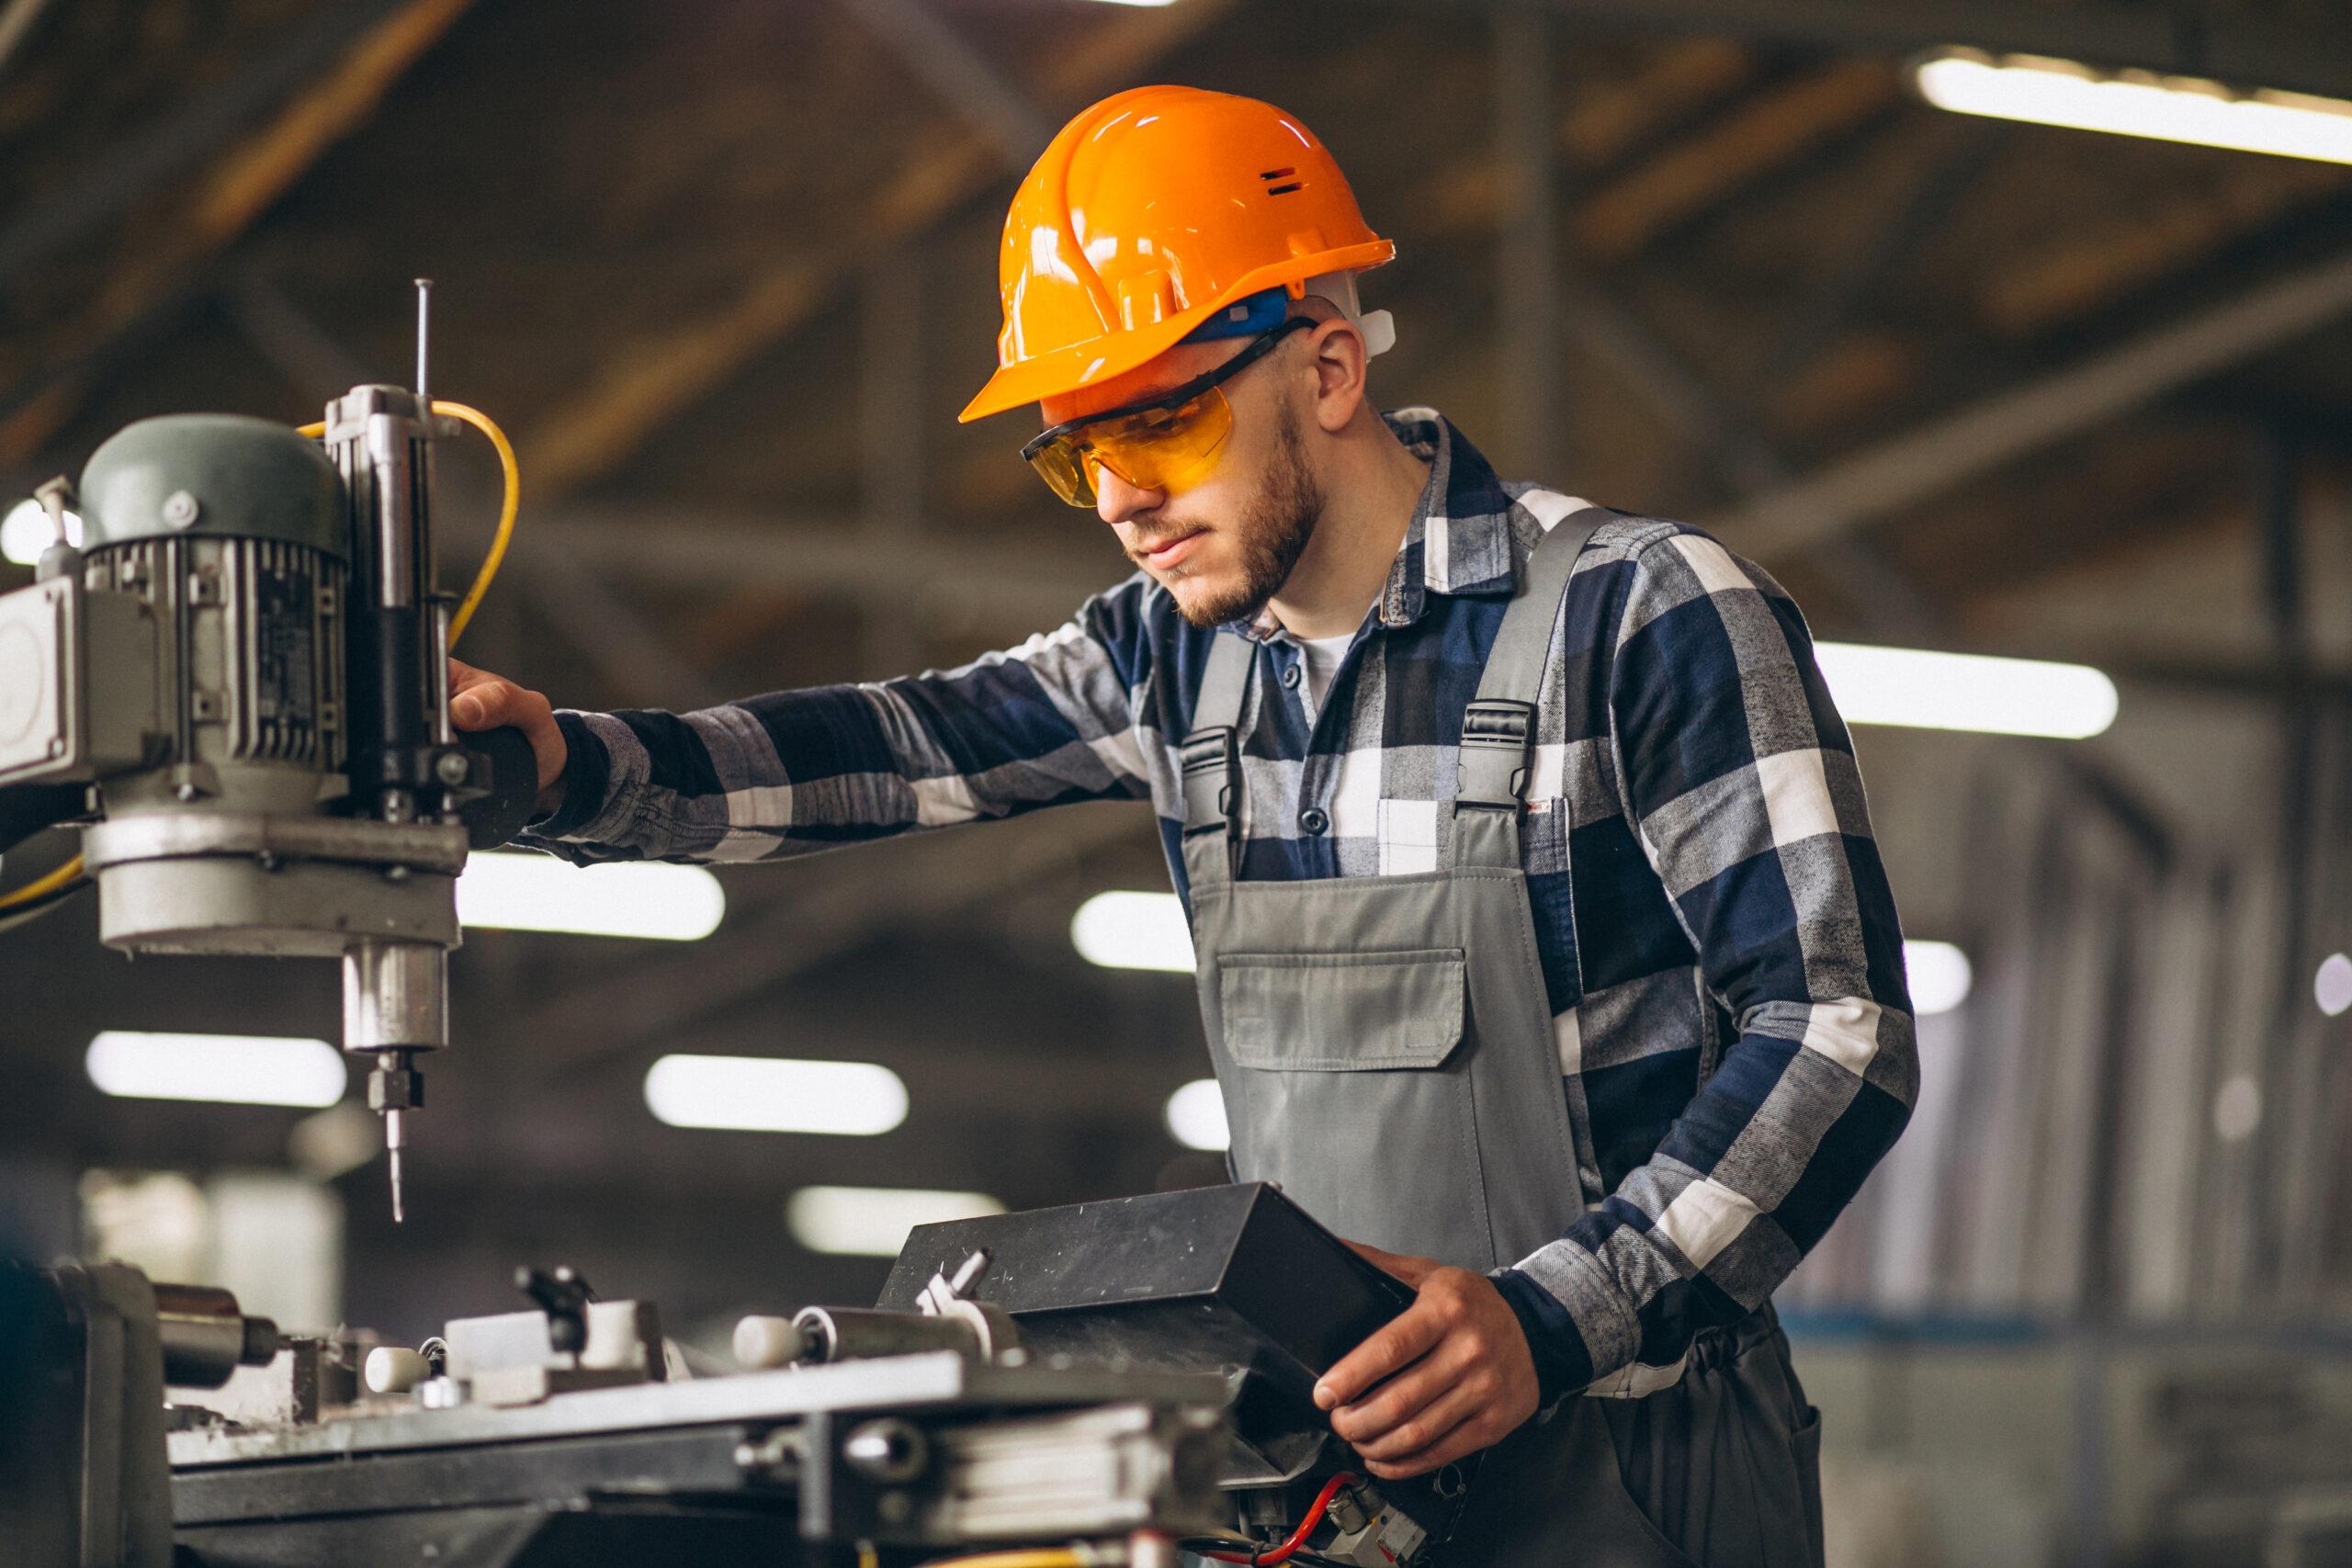 كل مايتعلق بدراسة تخصص الهندسة الصناعية في تركيا 2021